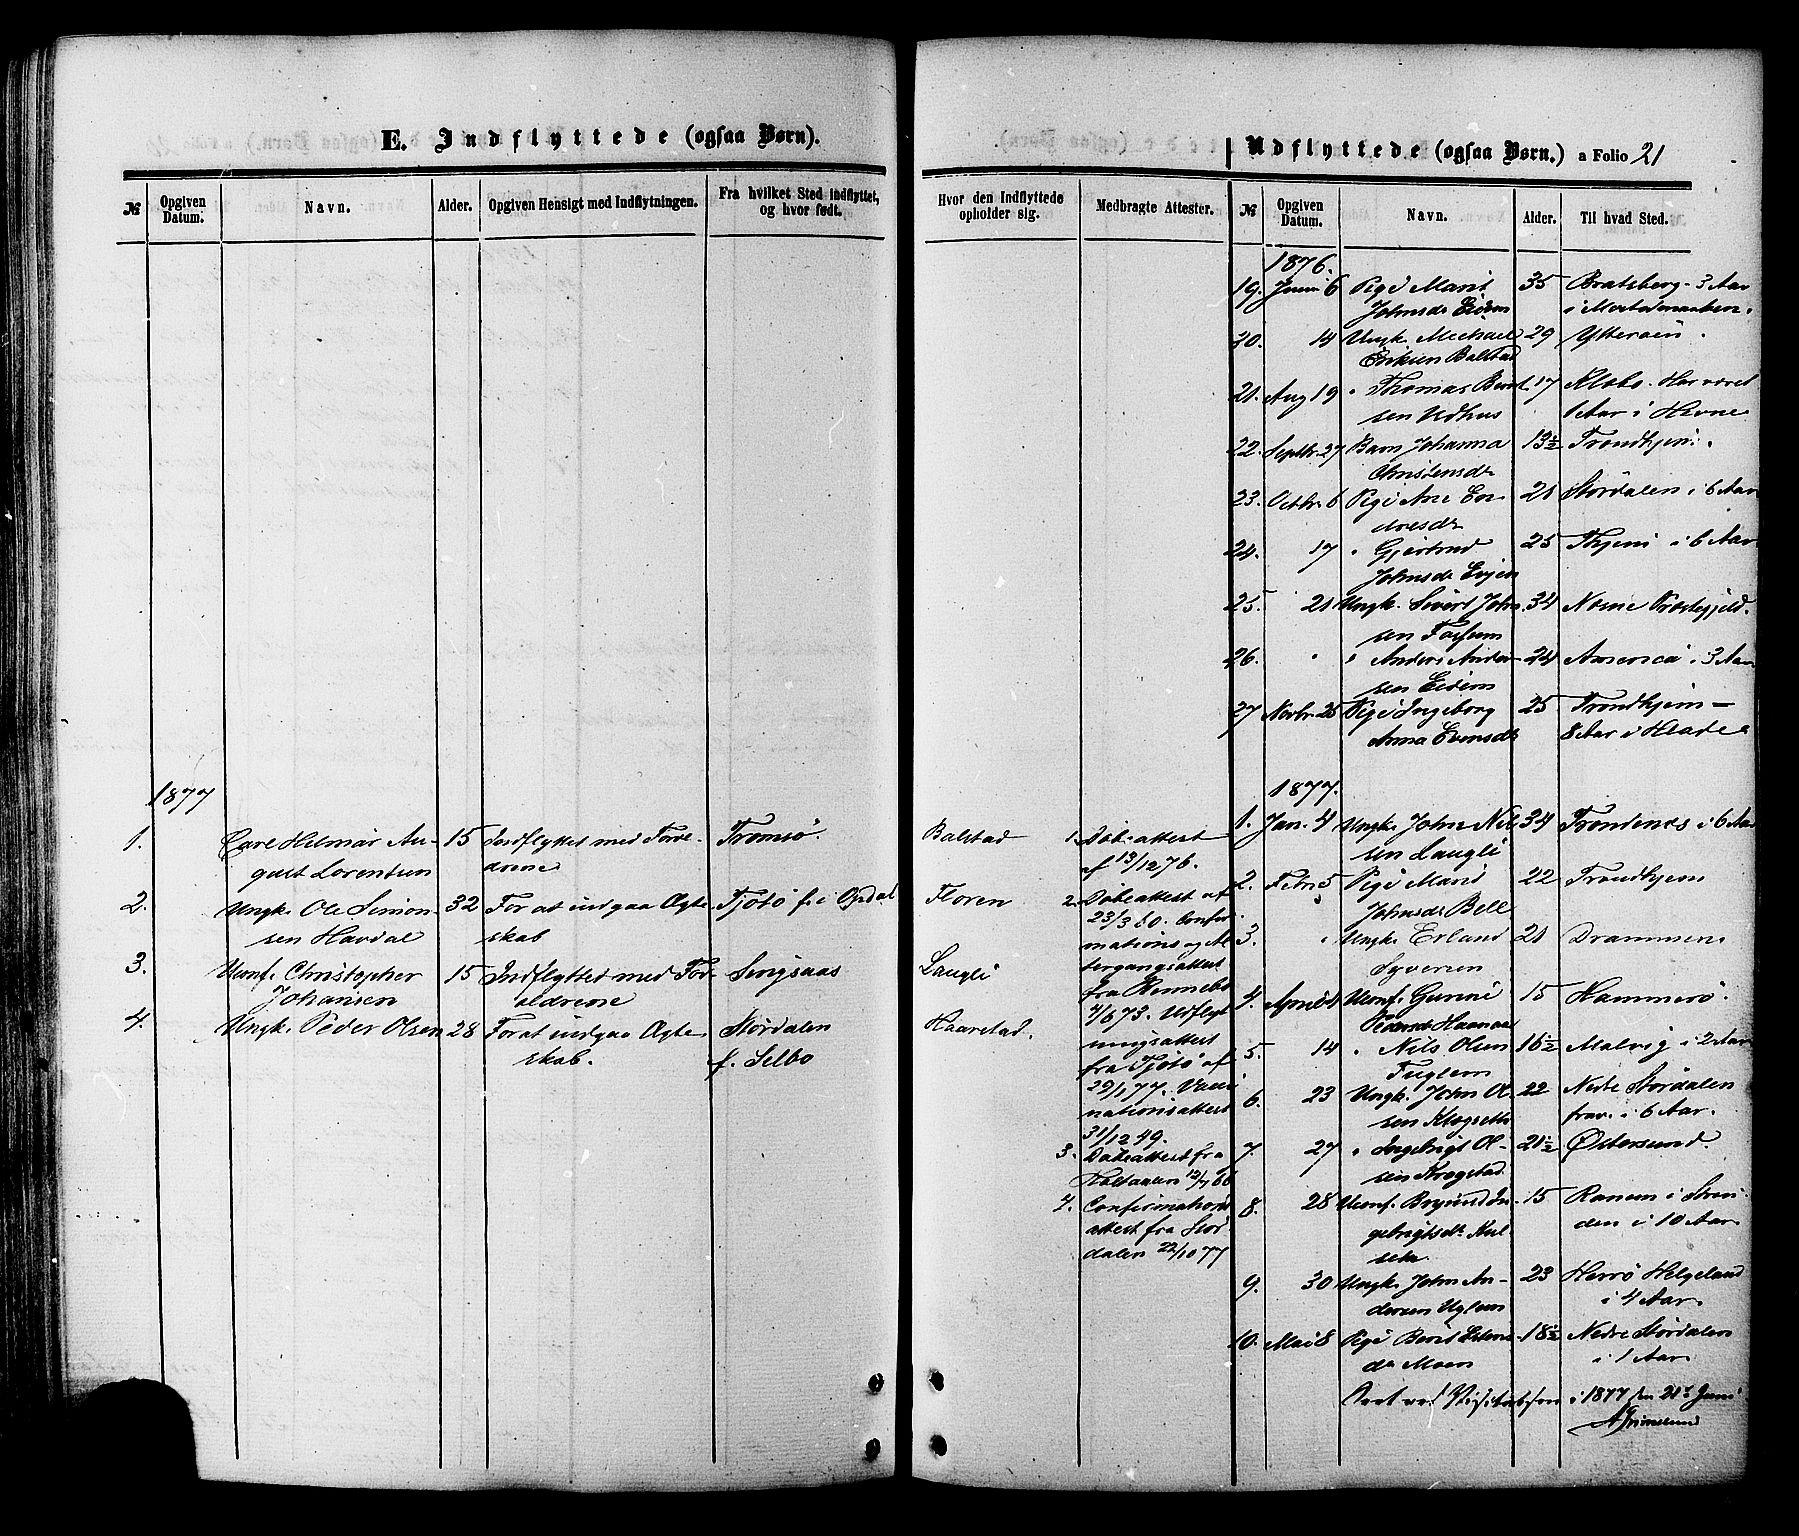 SAT, Ministerialprotokoller, klokkerbøker og fødselsregistre - Sør-Trøndelag, 695/L1147: Ministerialbok nr. 695A07, 1860-1877, s. 21